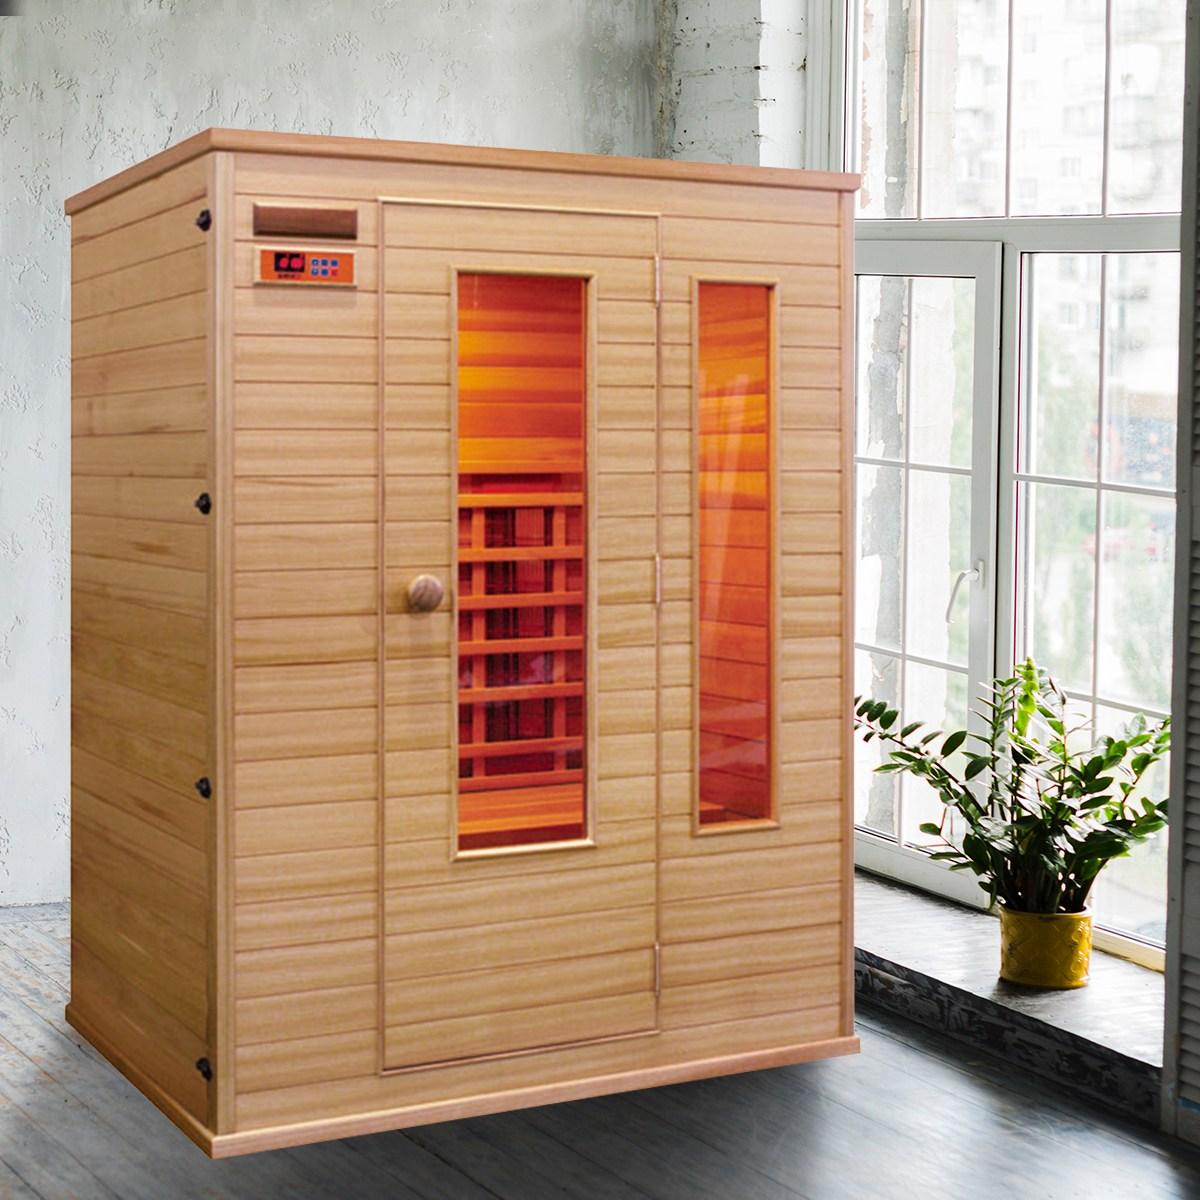 리치하우징 2인용 건식 찜질방 개인 사우나 반신욕기 가정용 좌훈 전신사우나 이동식 원적외선 140, 오렌지